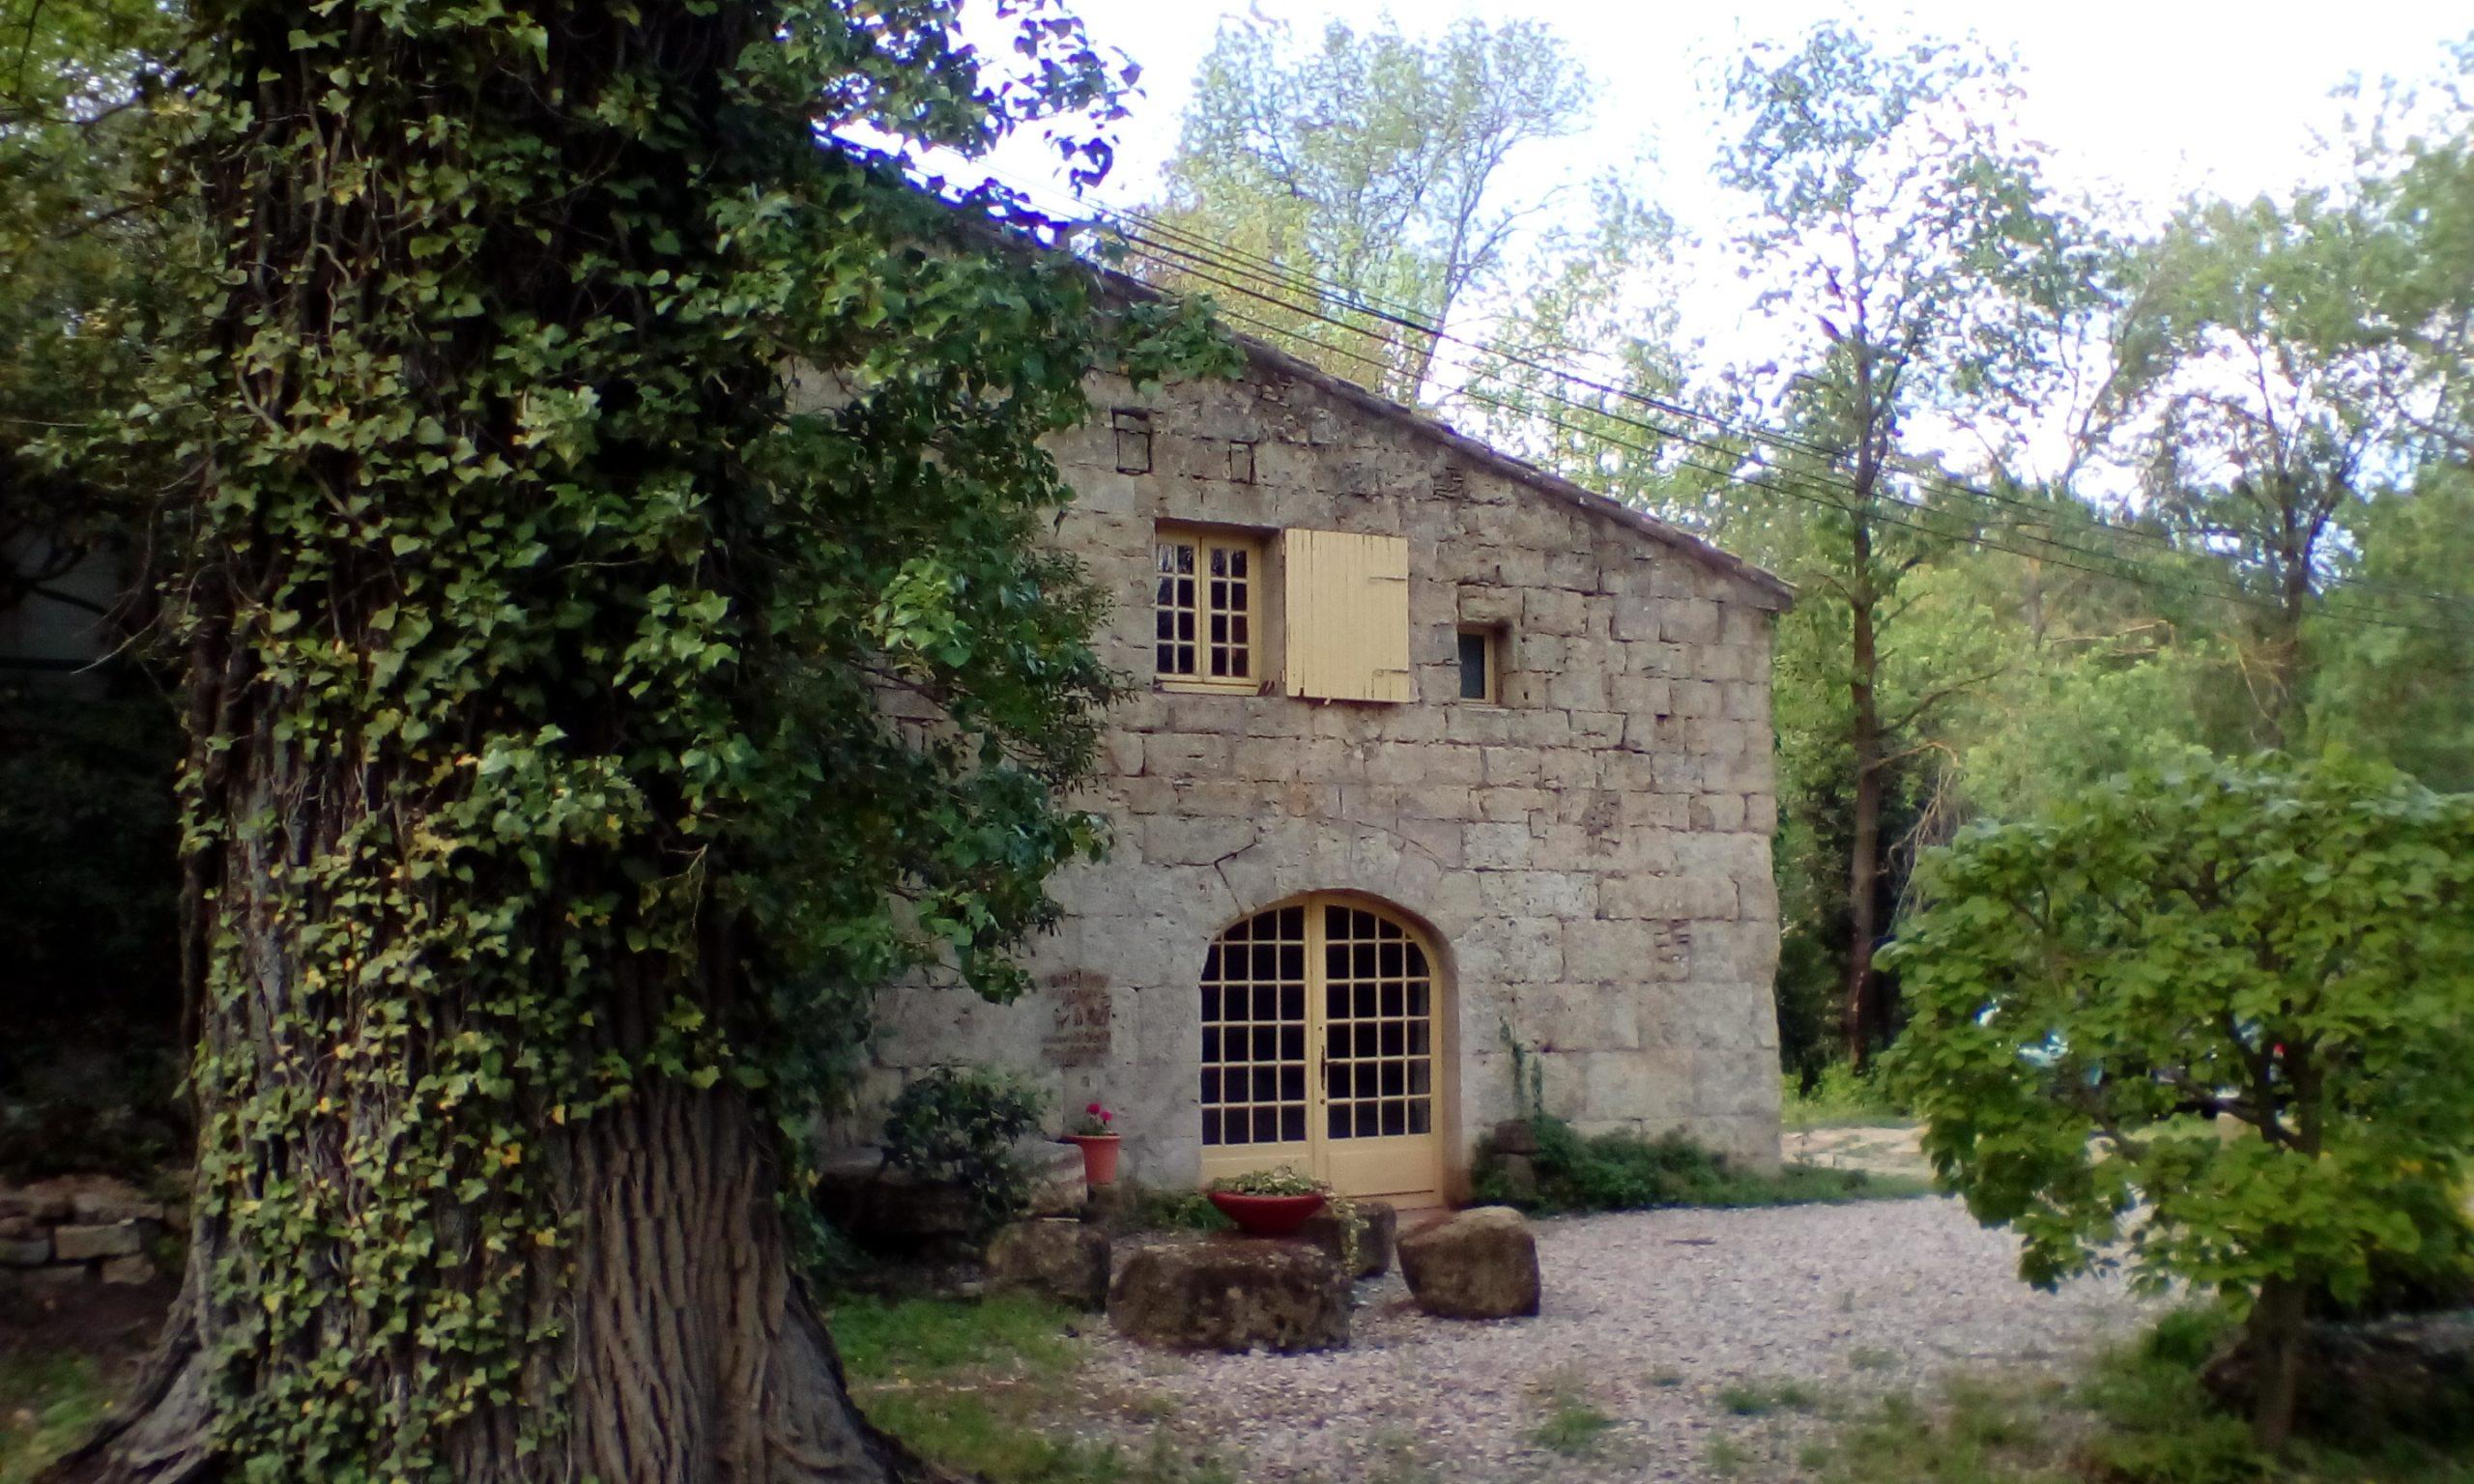 Le Petit Moulin de Carabotte